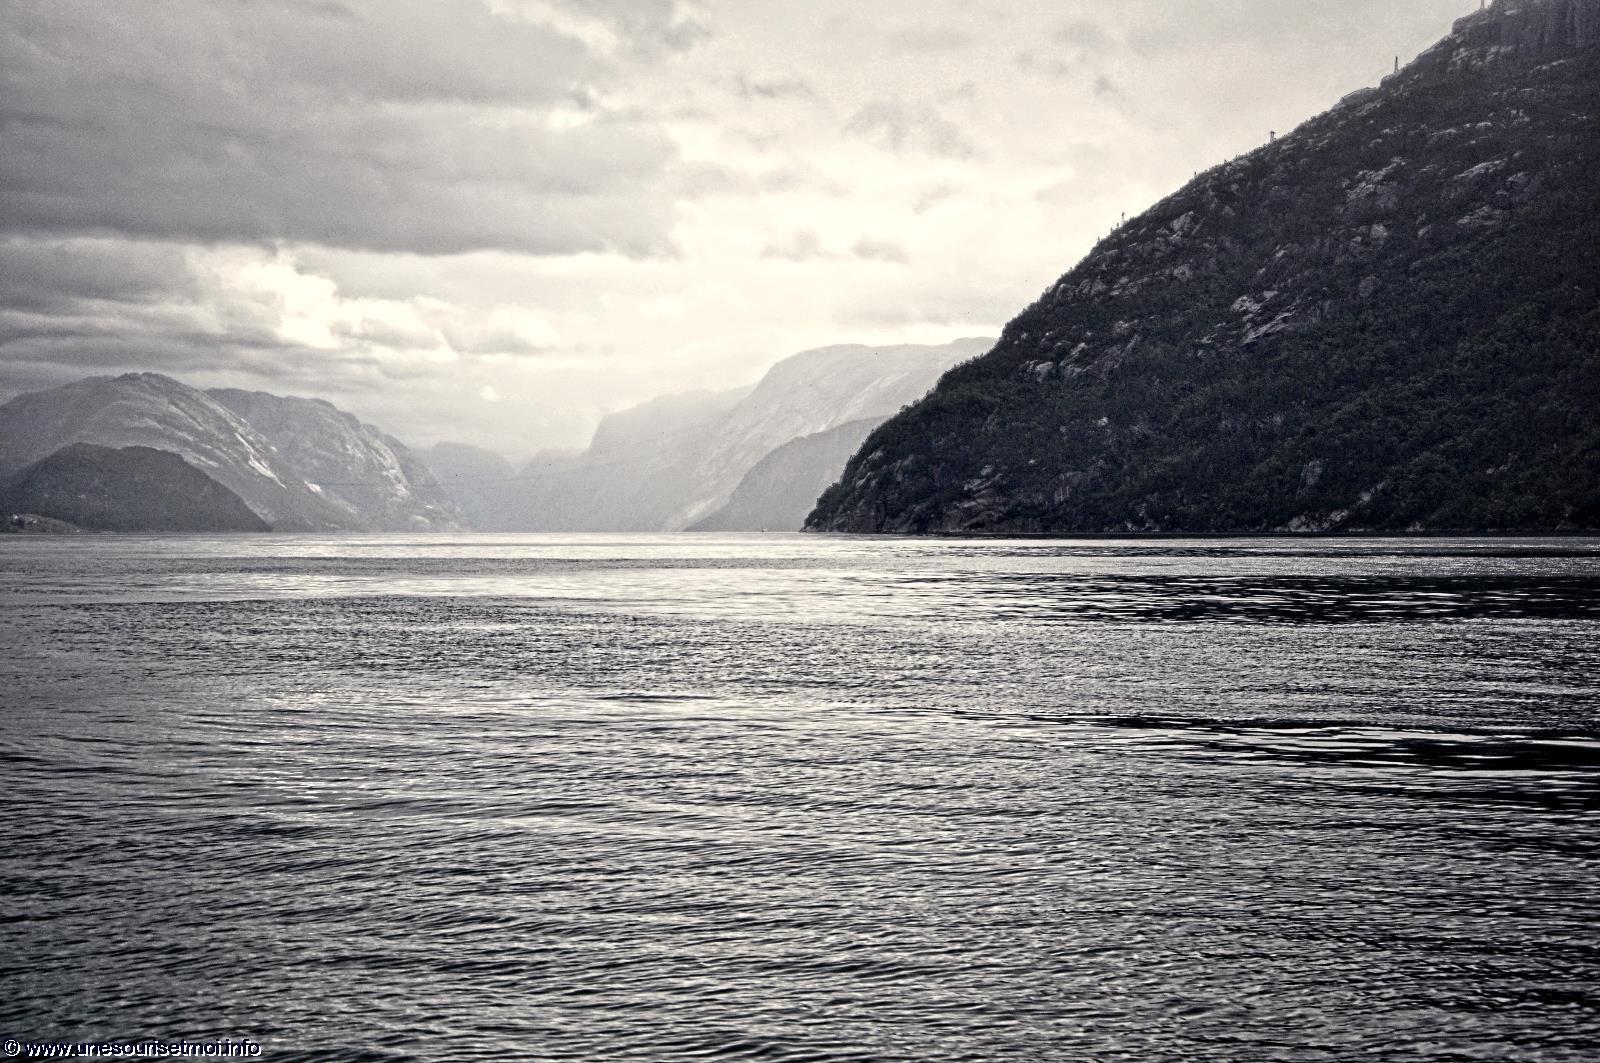 norvege_entree-du-fjord_sous-les-nuages